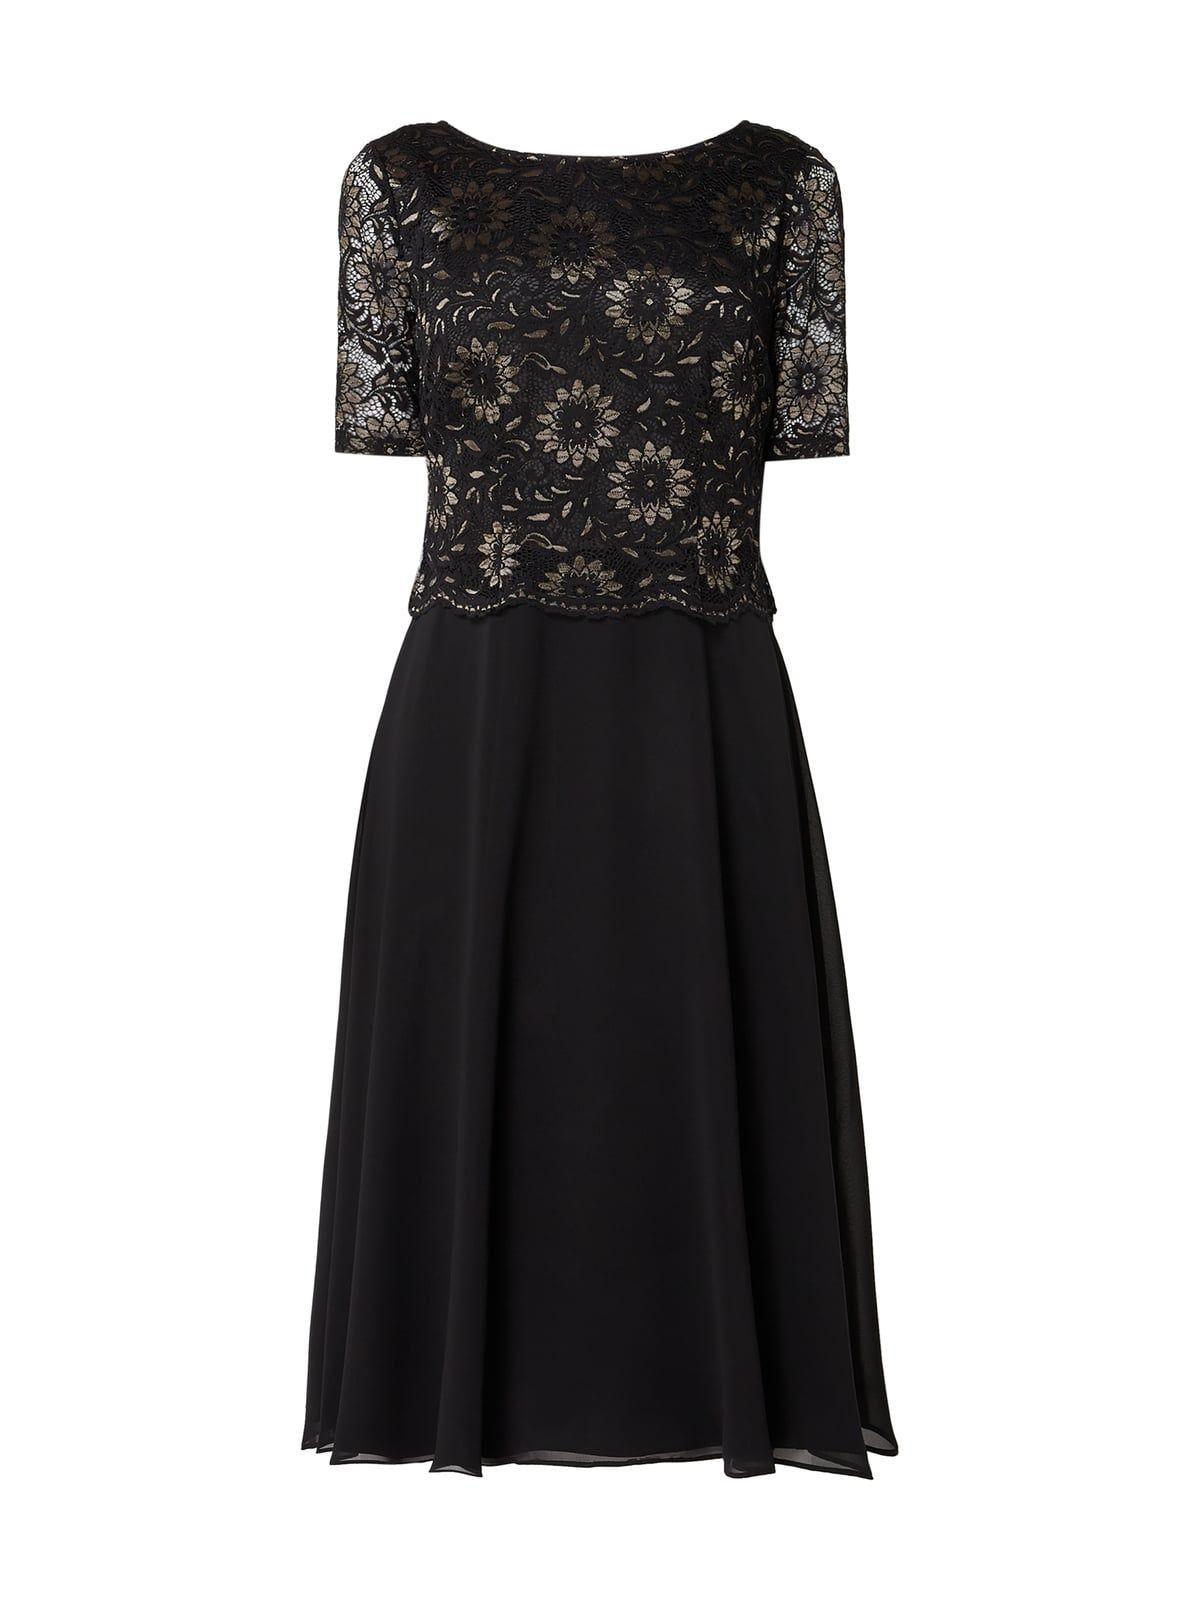 vera mont – cocktailkleid mit floraler spitze – schwarz